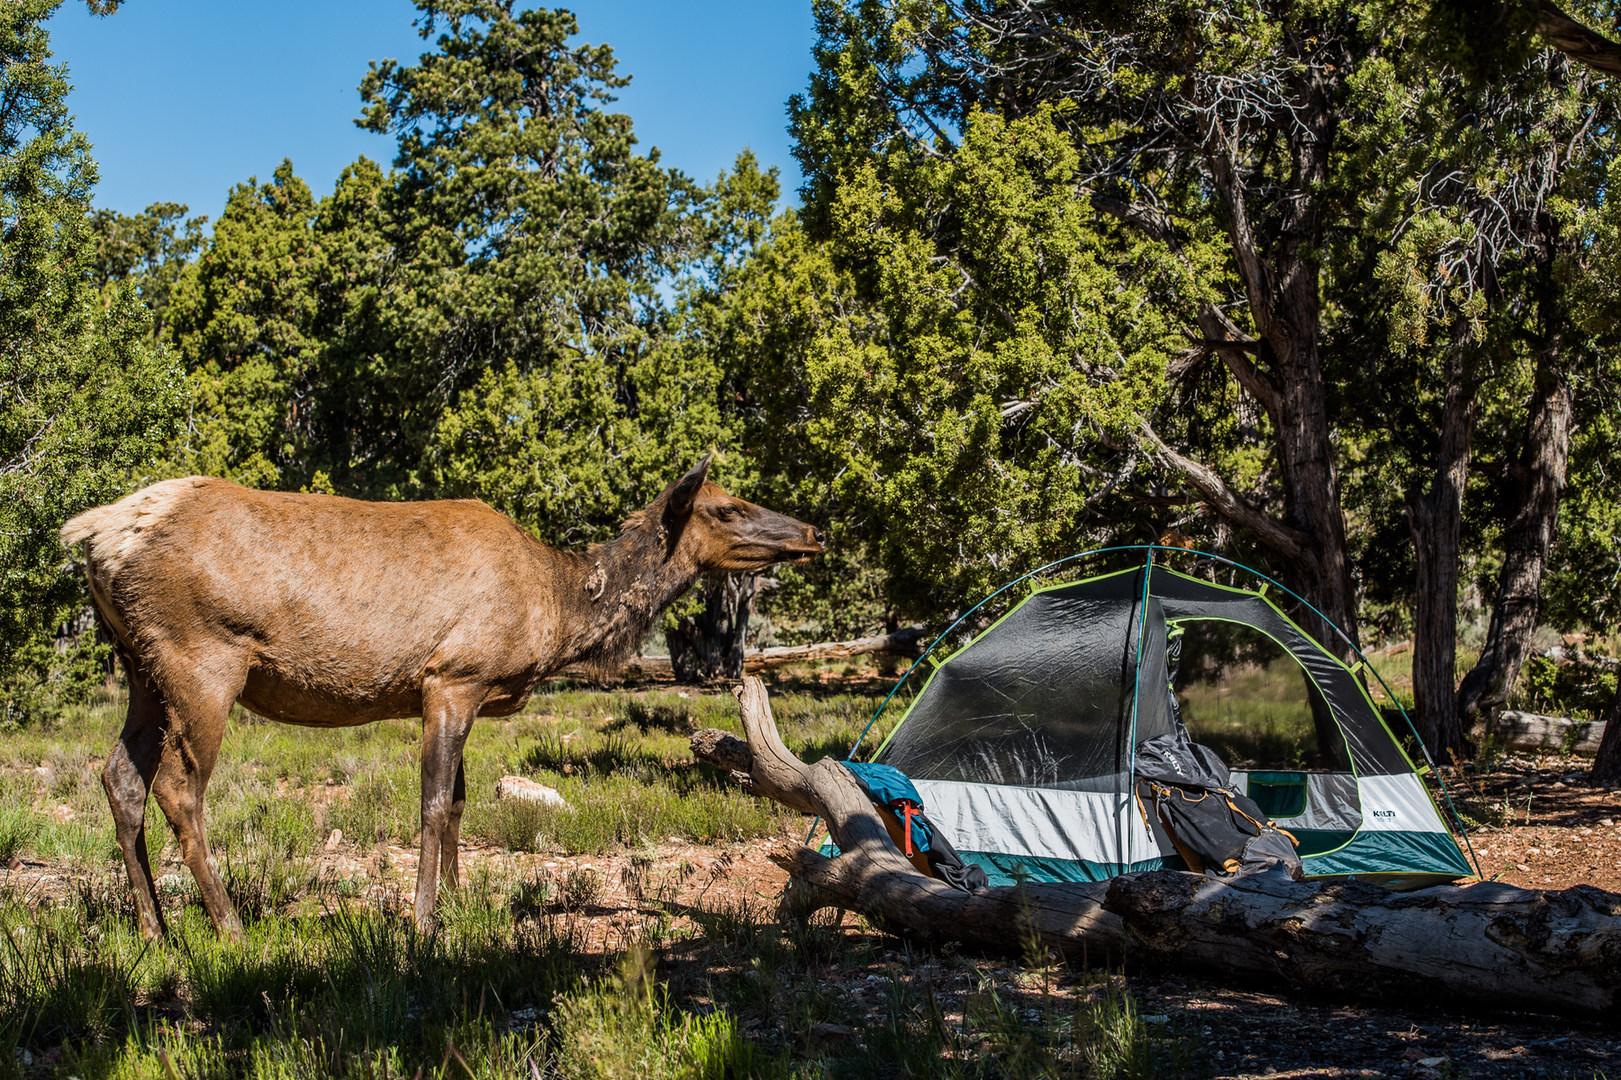 full hookup camping grand canyon